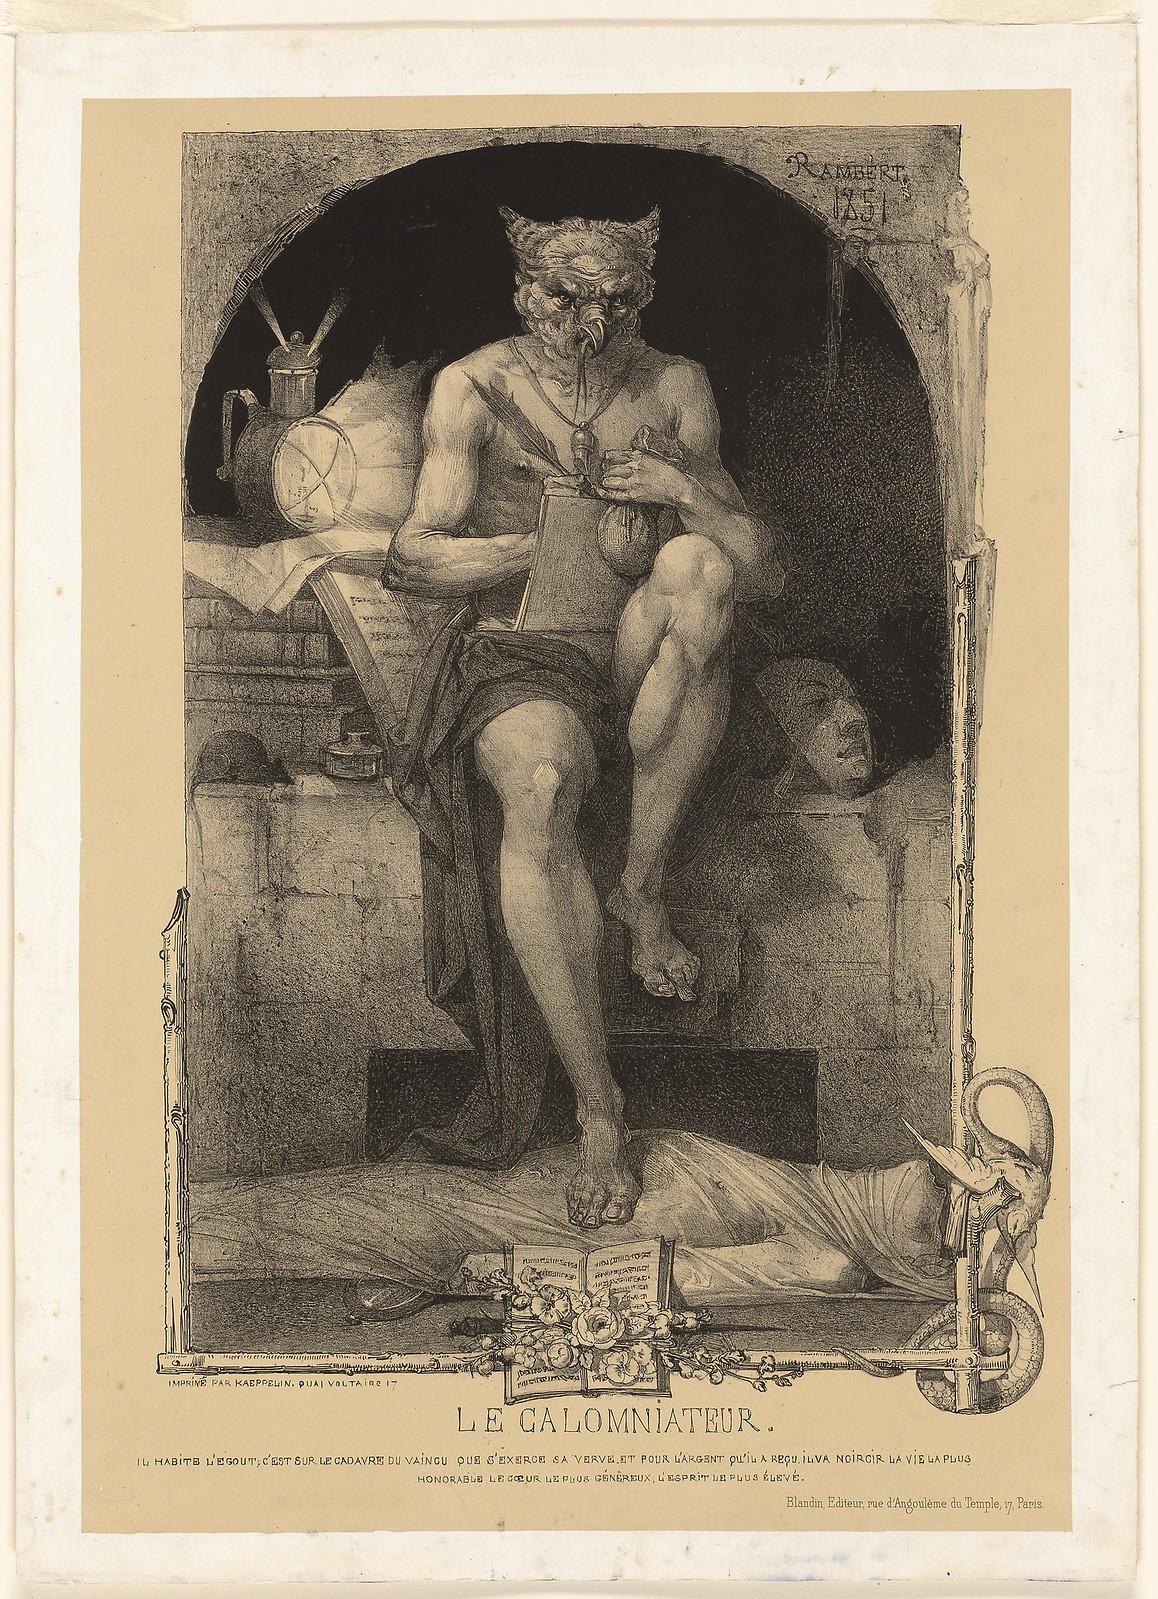 Charles Rambert - The Slanderer, 1851